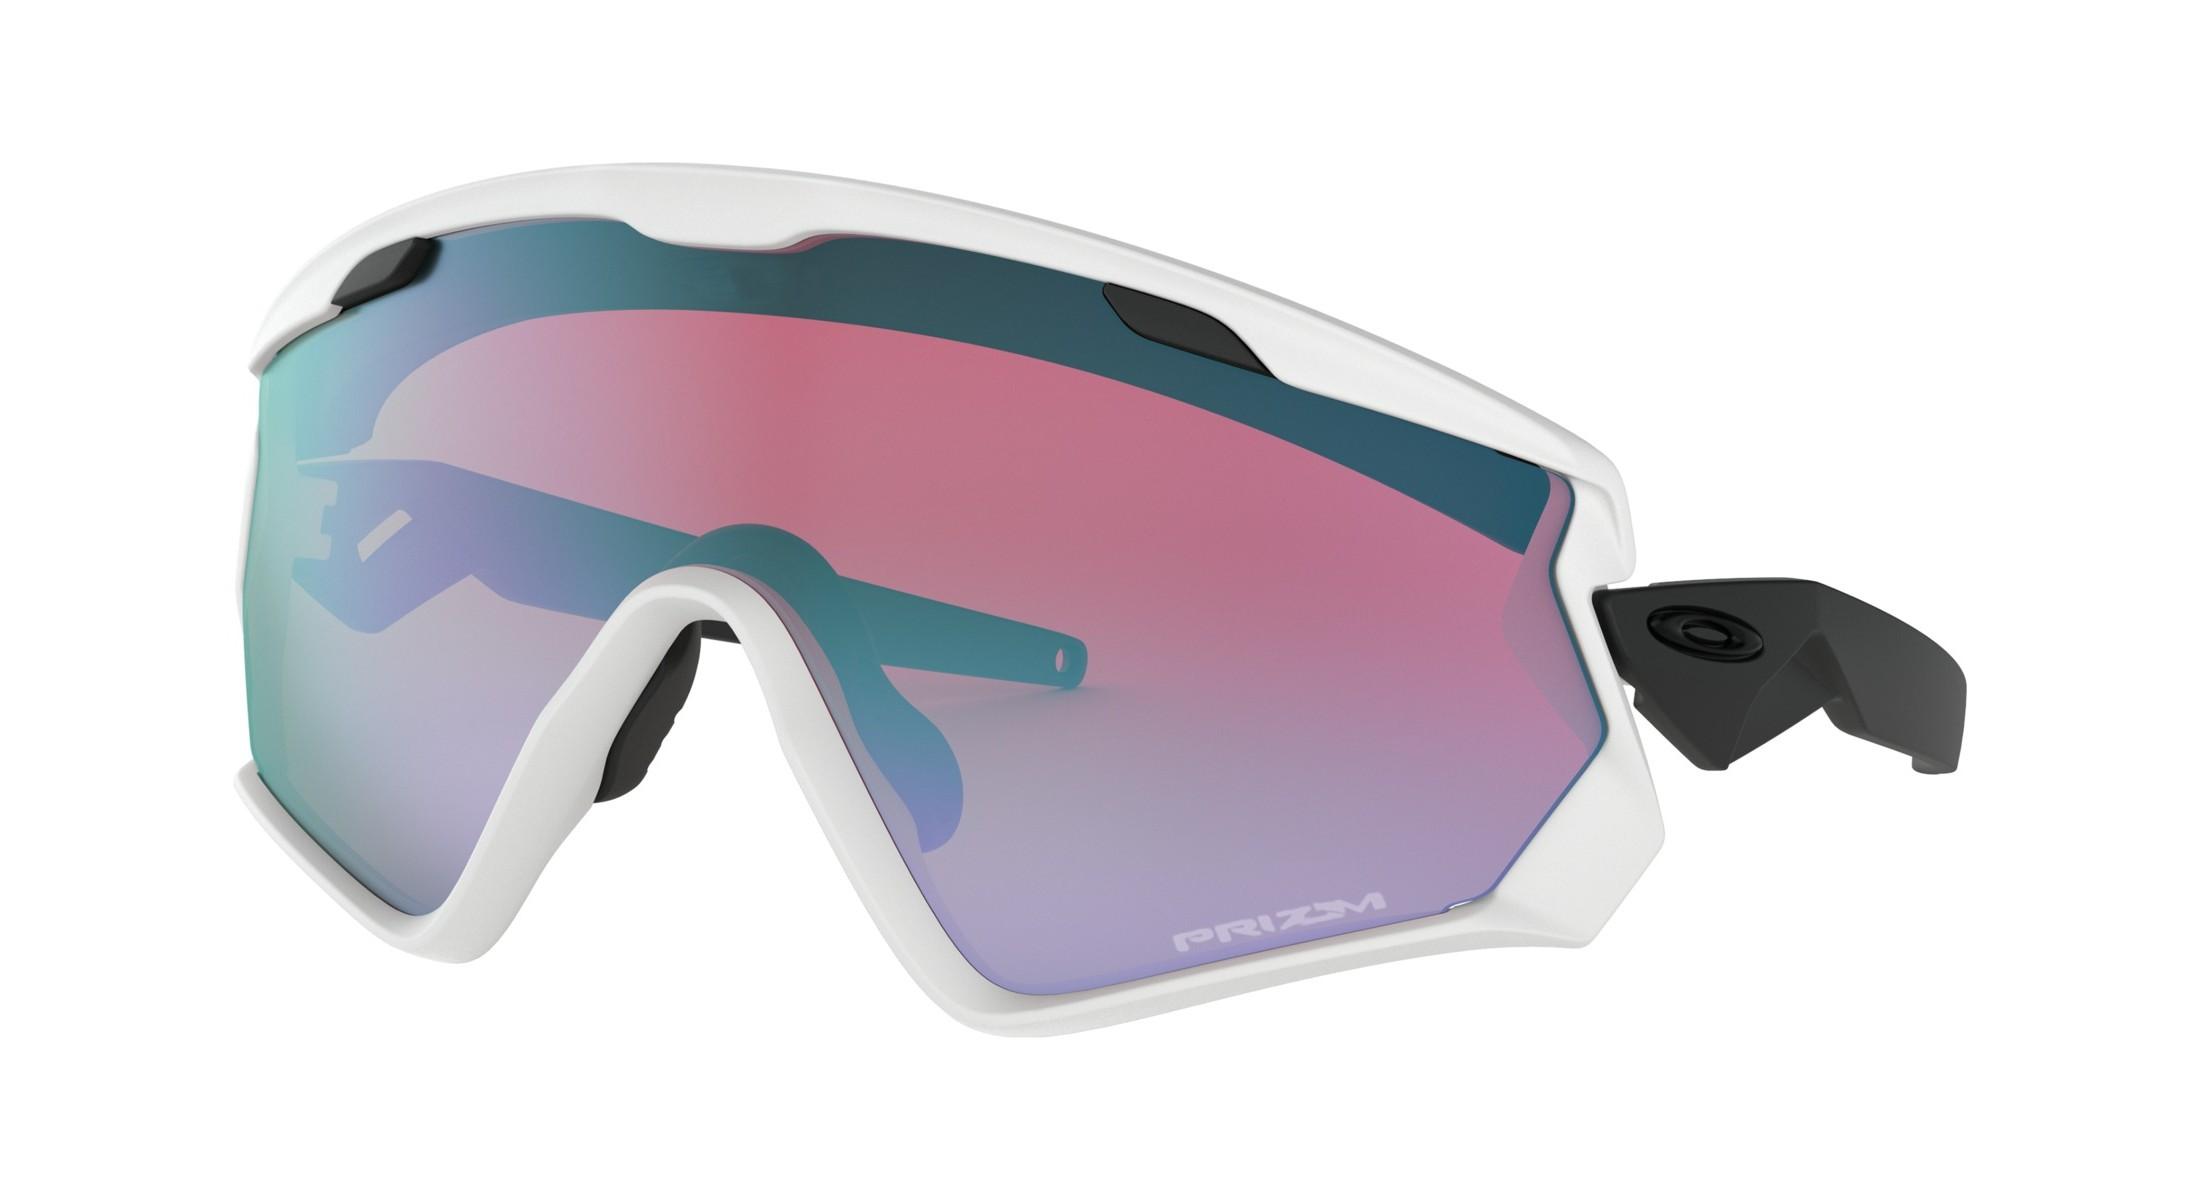 4f56ff7a25e86 Oakley Wind Jacket 2.0 Eyewear Matte Whitre Prizm Snow Sapphire Ref OO9418-0345